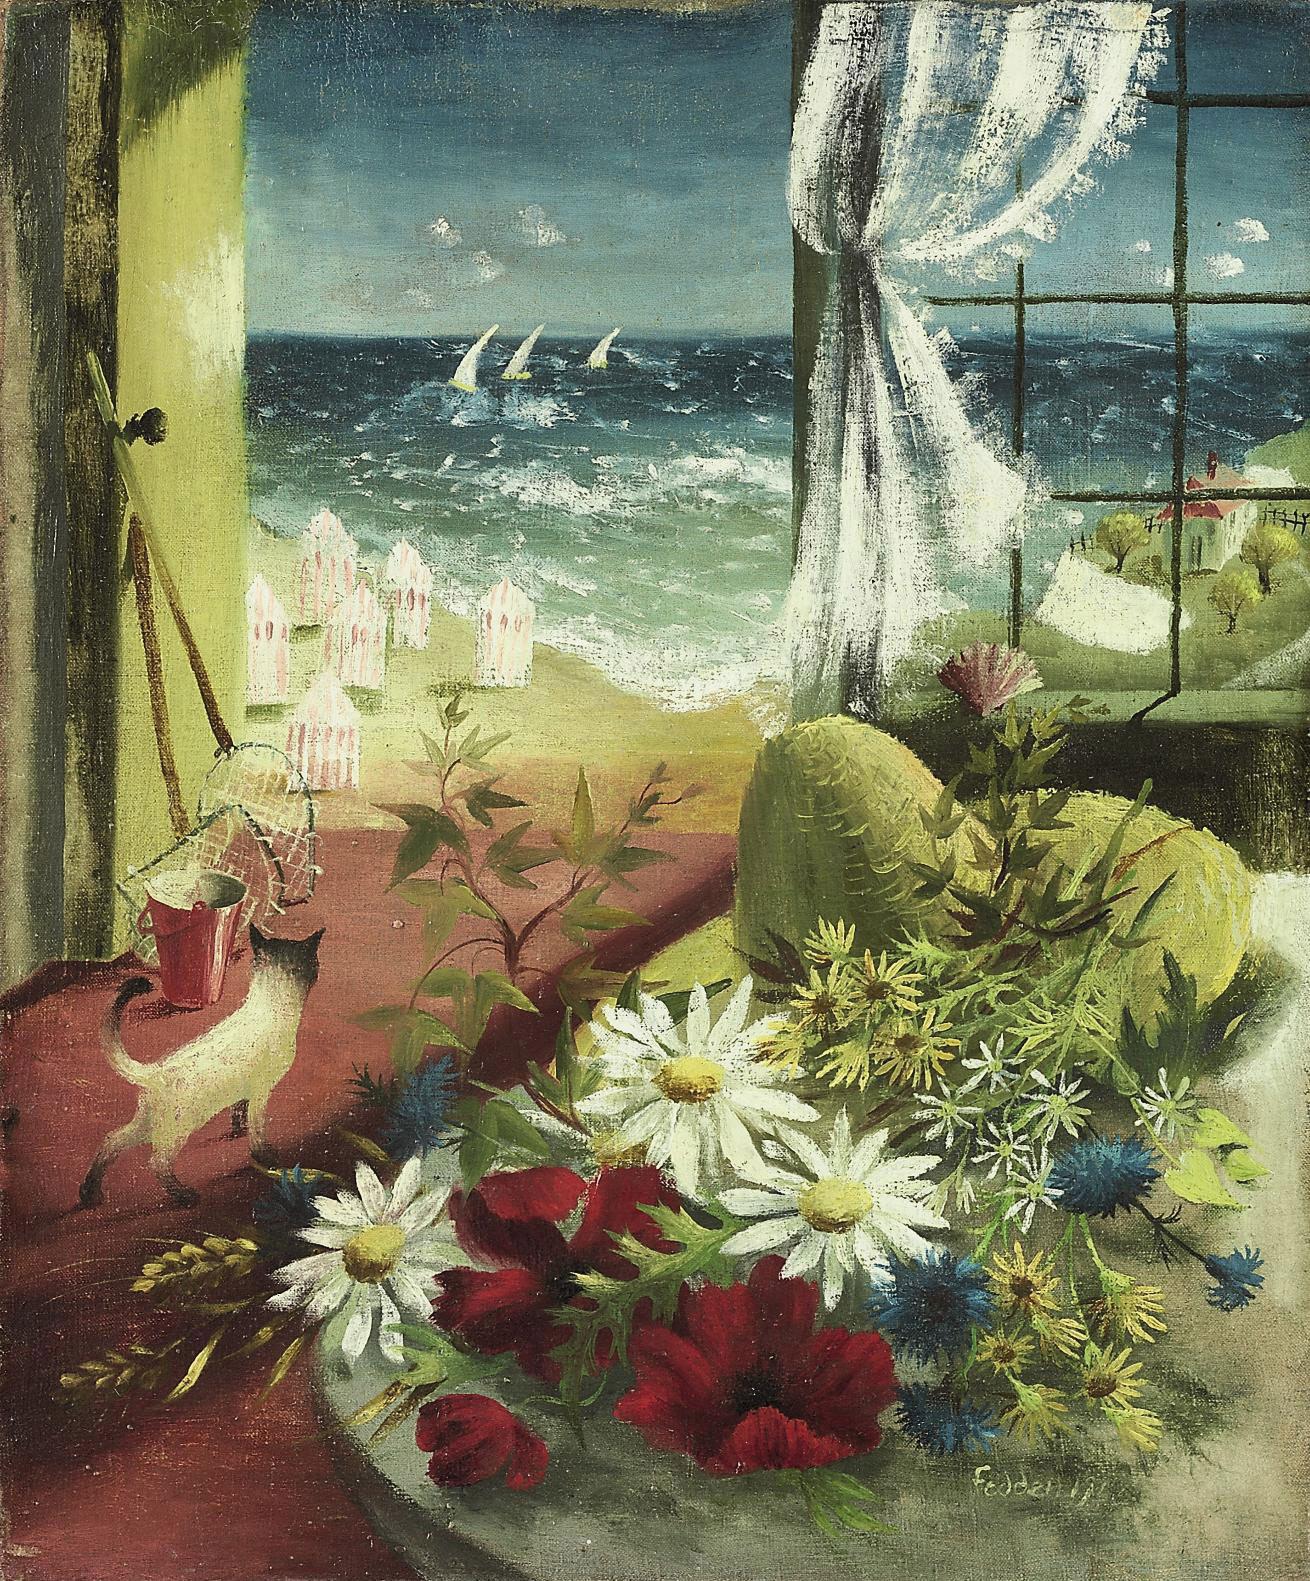 Mary Fedden, R.A. (b. 1915)